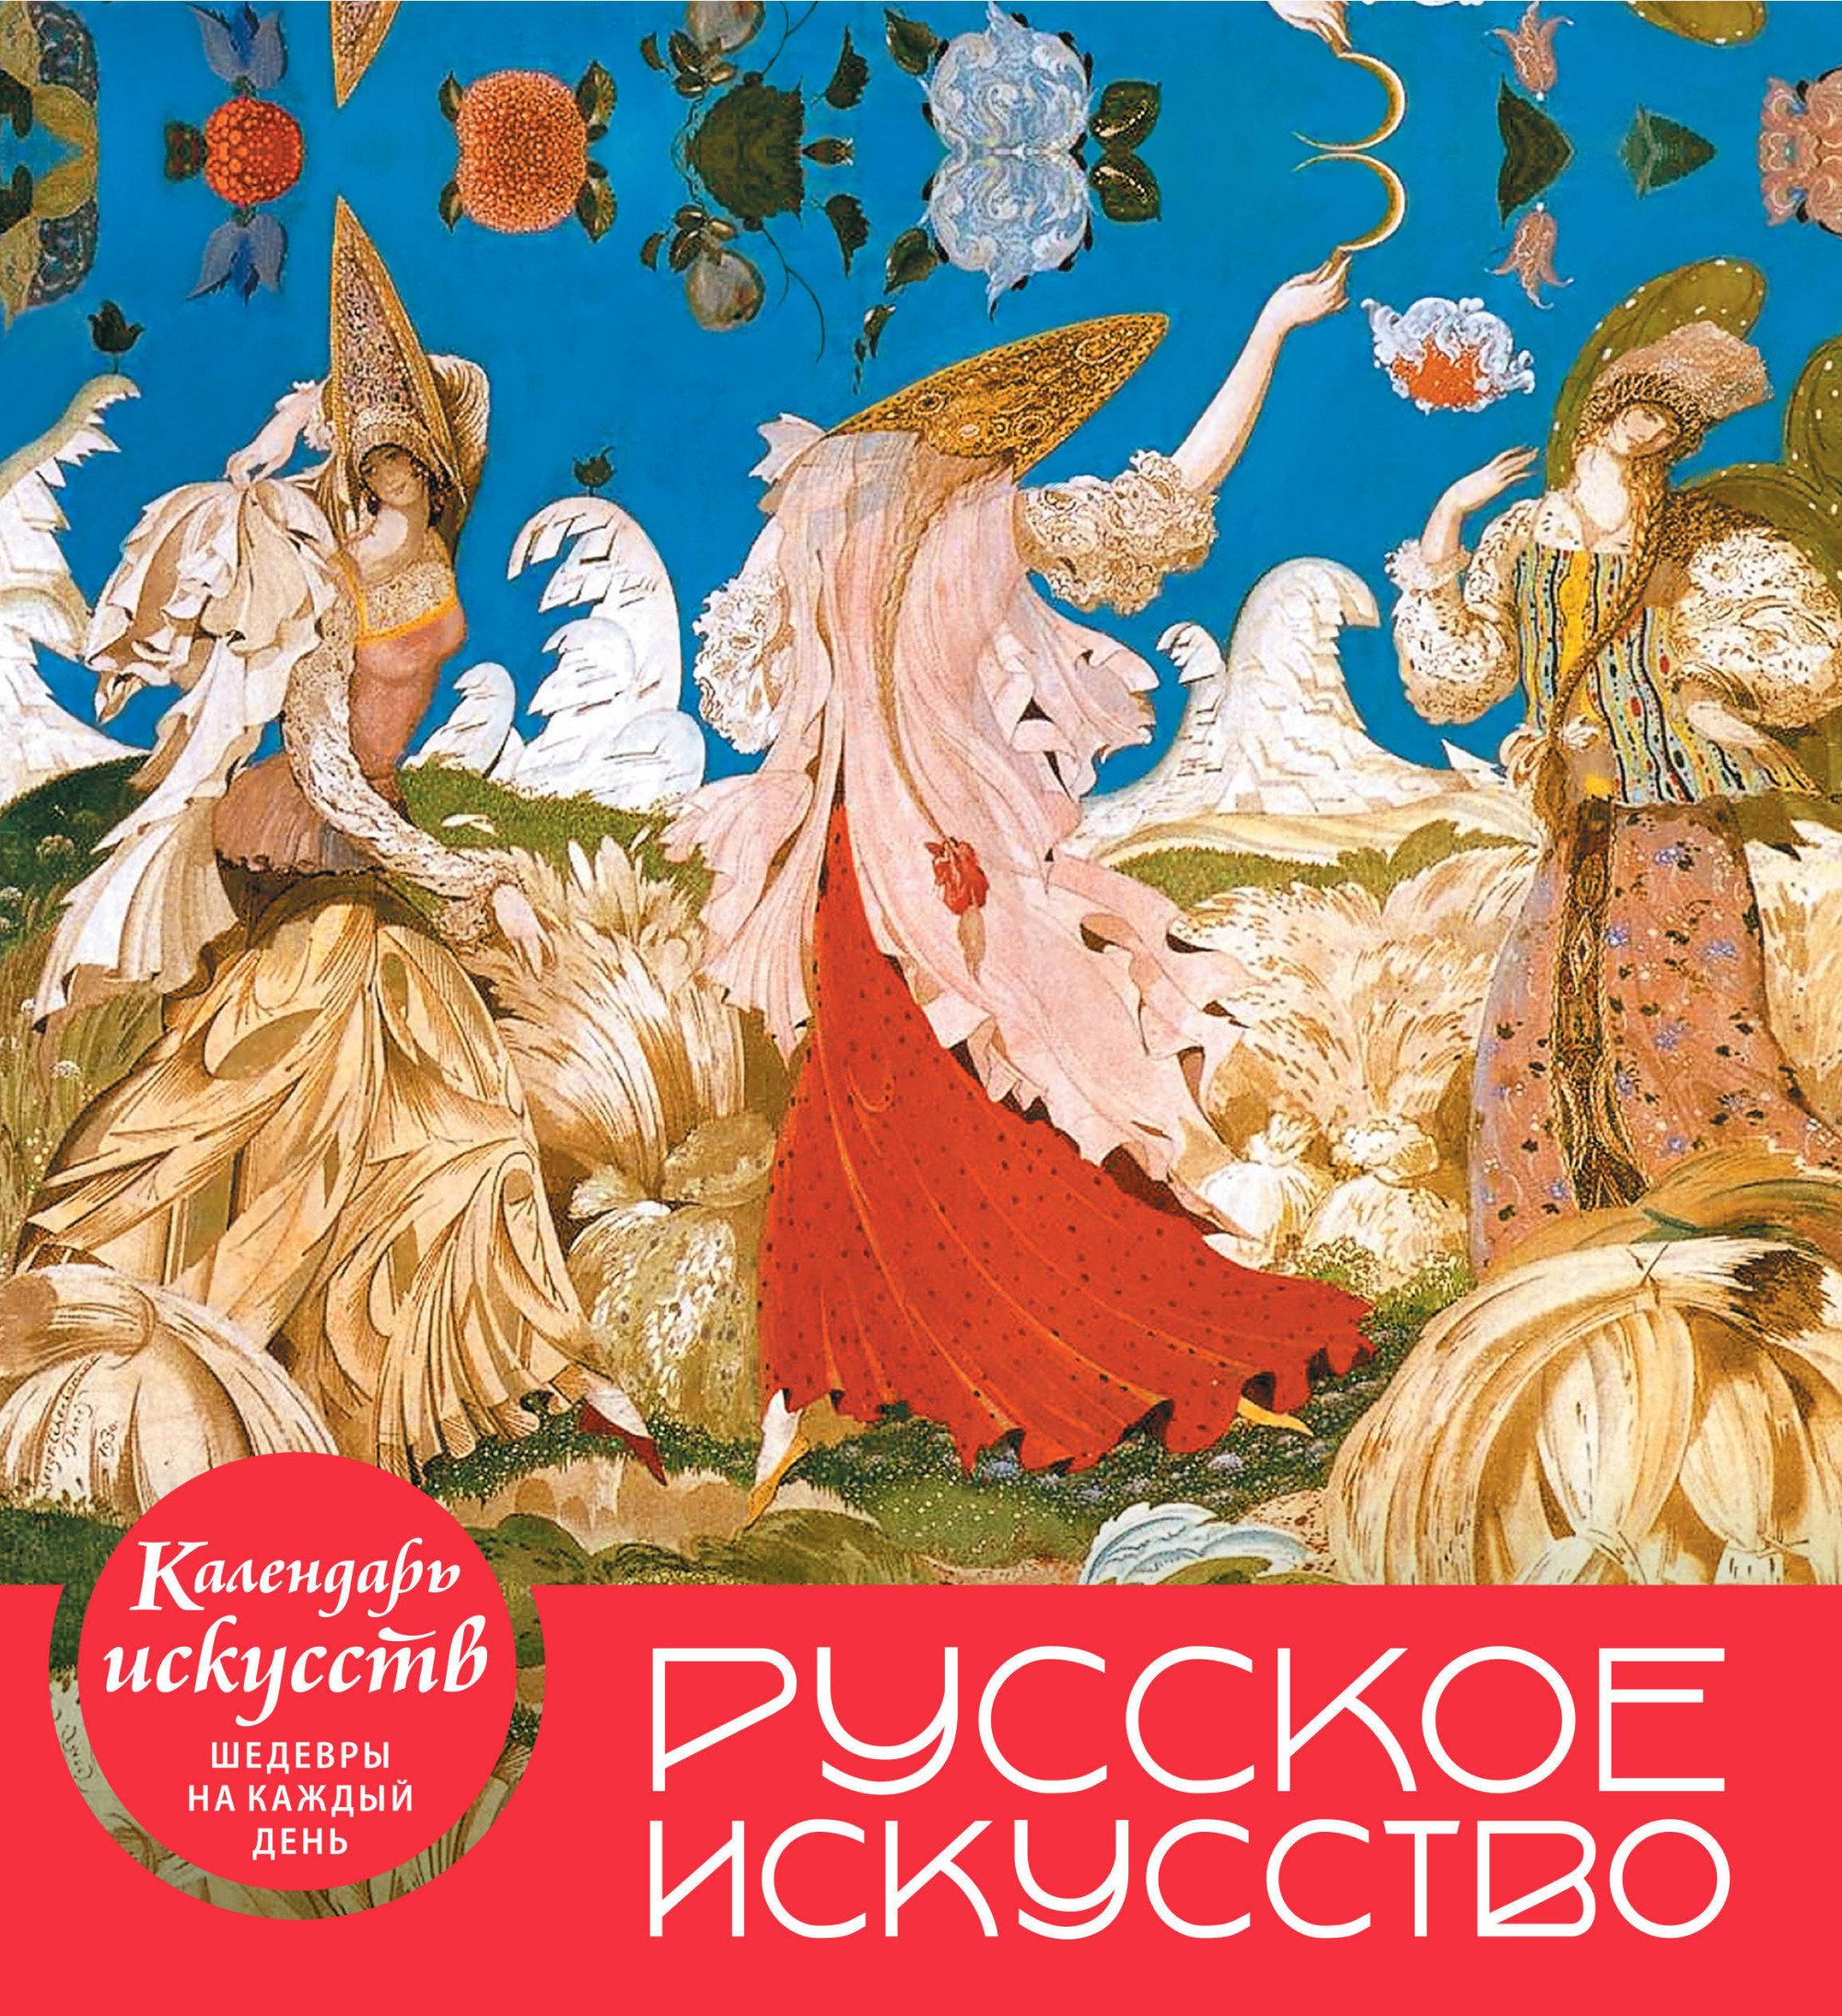 Календарь настольный. Русское искусство